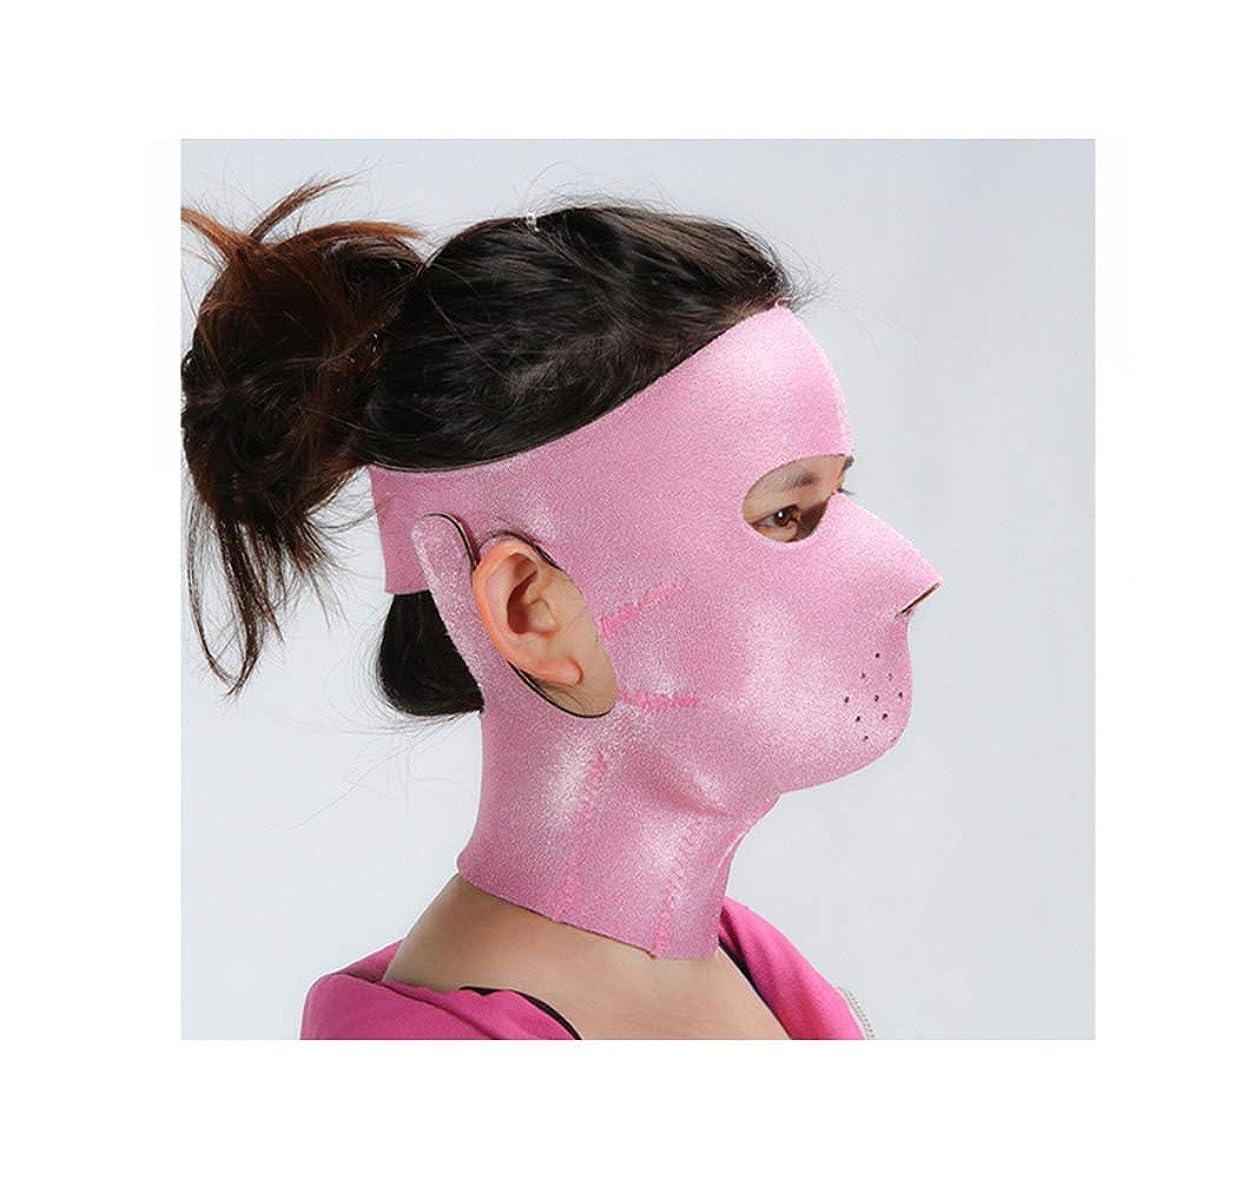 意気込み森林アレイGLJJQMY 薄い顔マスクマスクプラス薄いマスク引き締めアンチエイジング薄いマスク顔の薄い顔マスクアーティファクト美容ネックバンド 顔用整形マスク